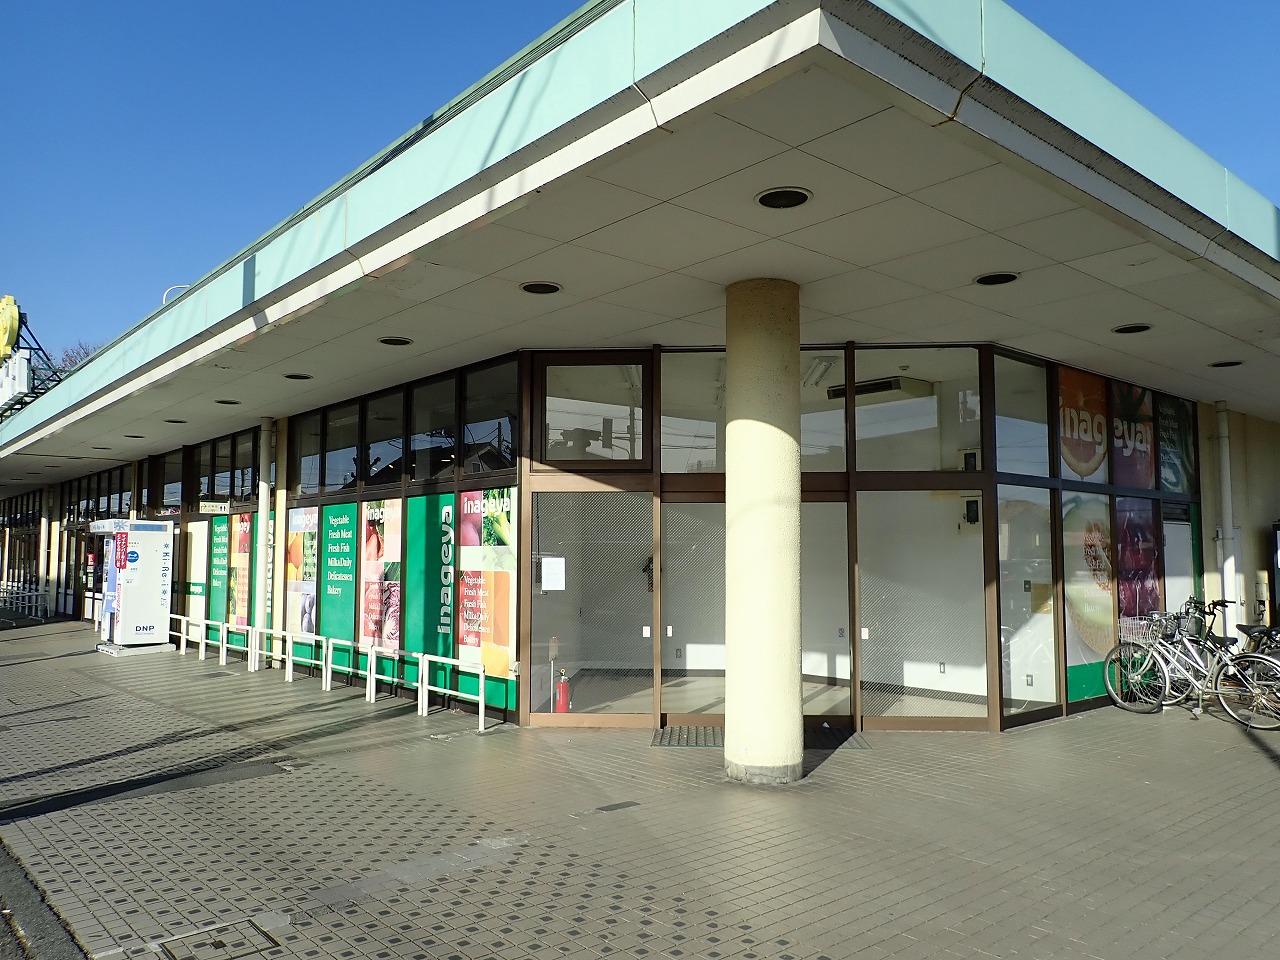 2020年1月に閉店した『プラスワン新河岸店』の外観